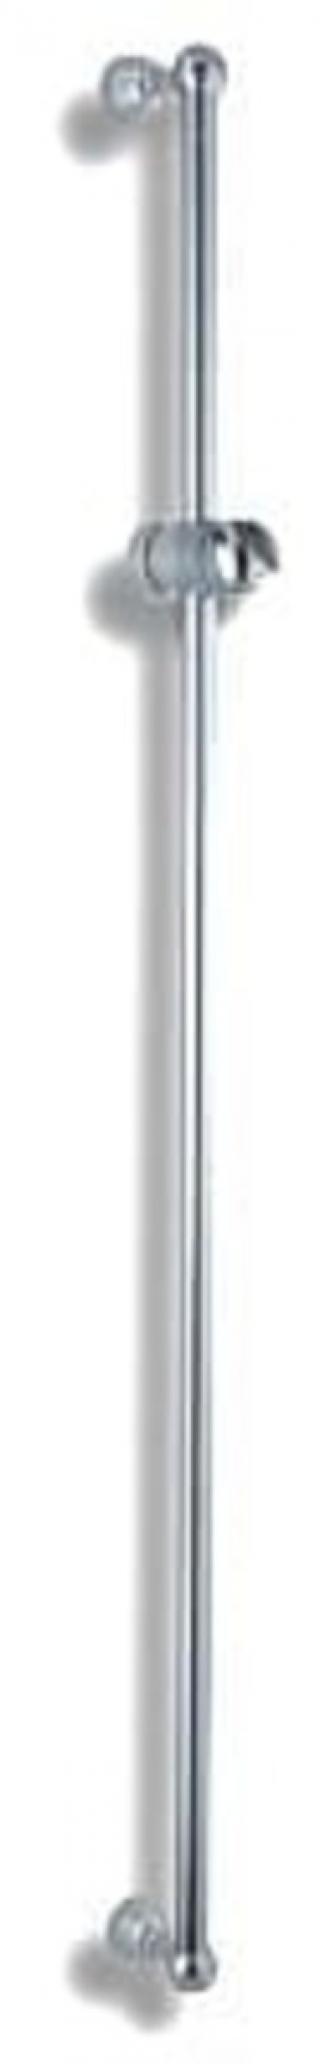 Sprchová tyč Novaservis Metalia 3 na stěnu s držákem sprchy chrom 6319,0 chrom chrom